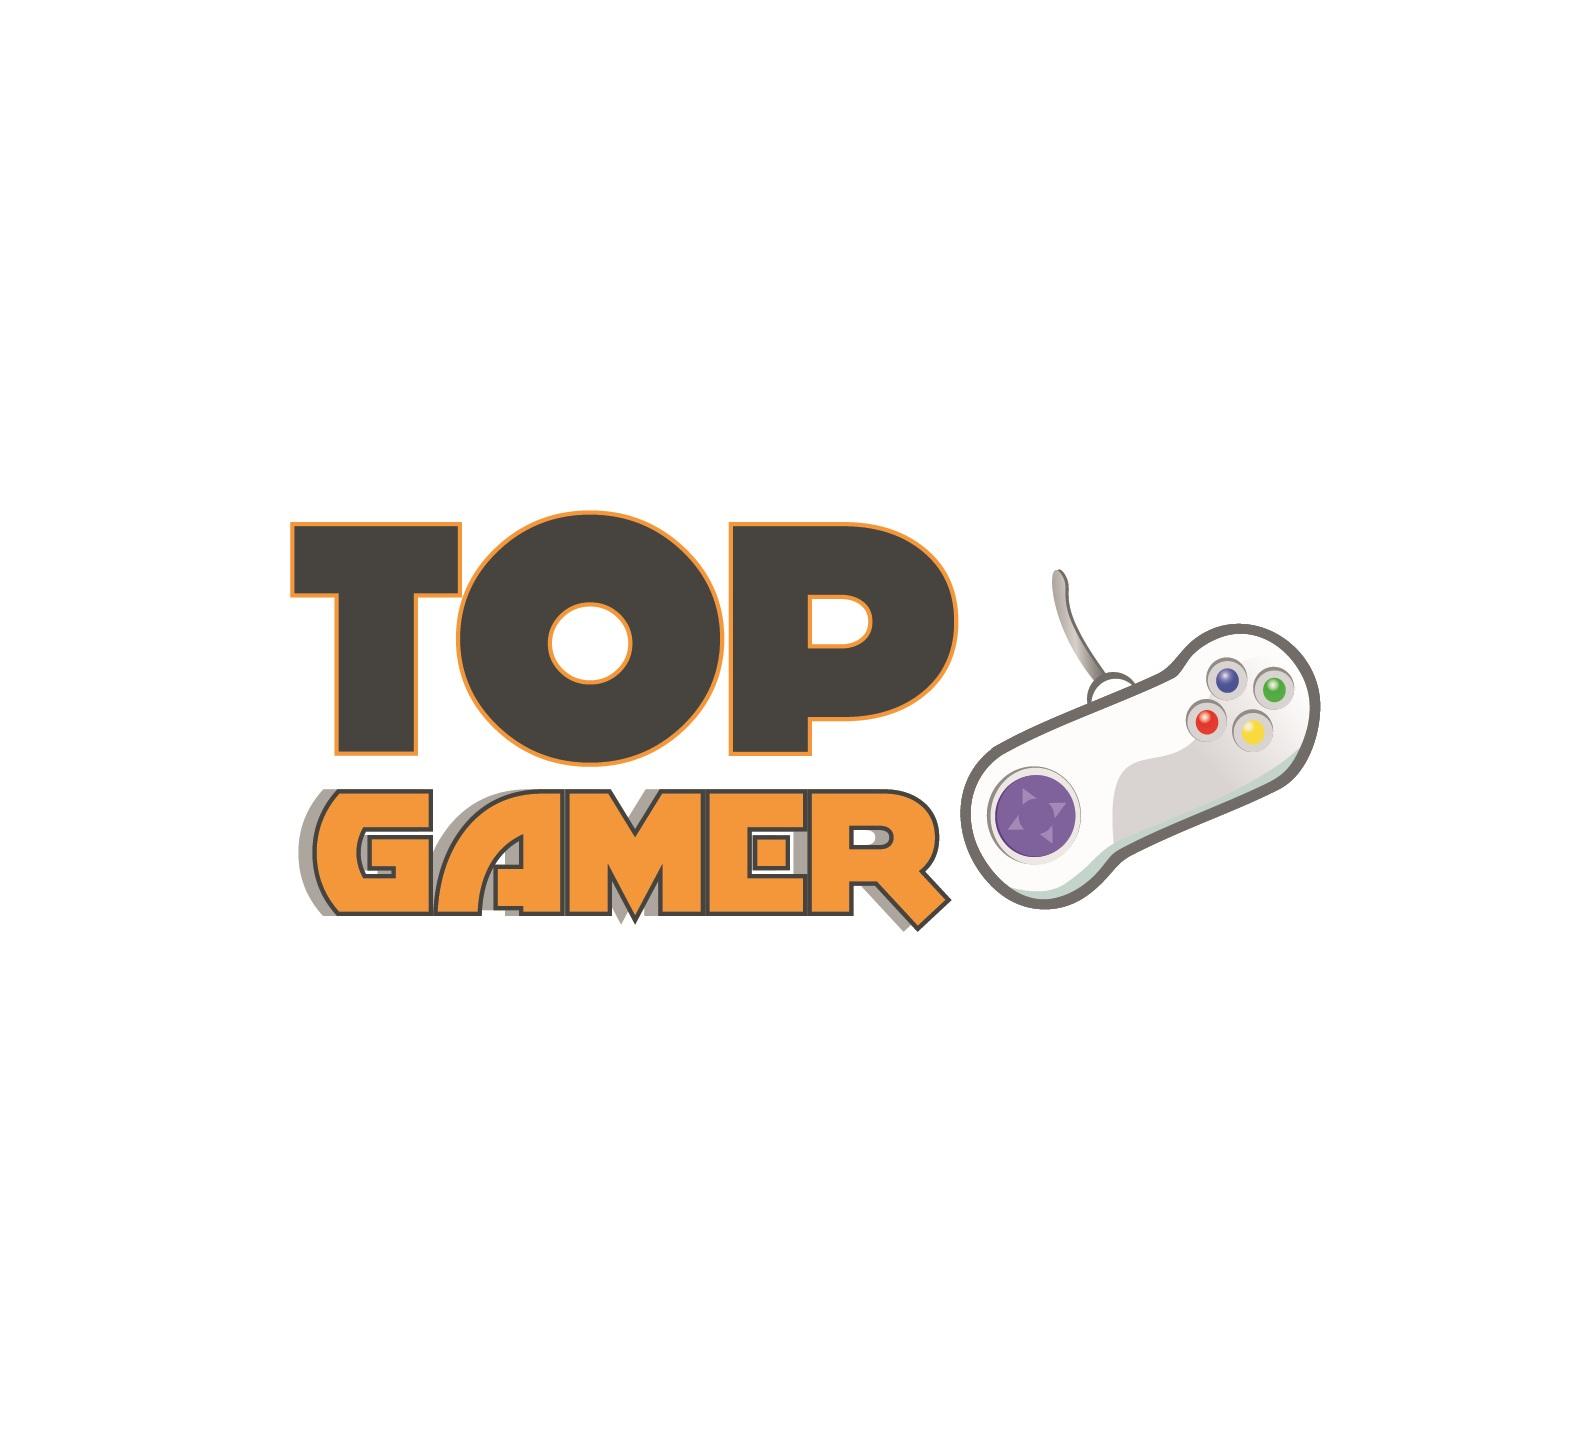 topgamer22.jpg